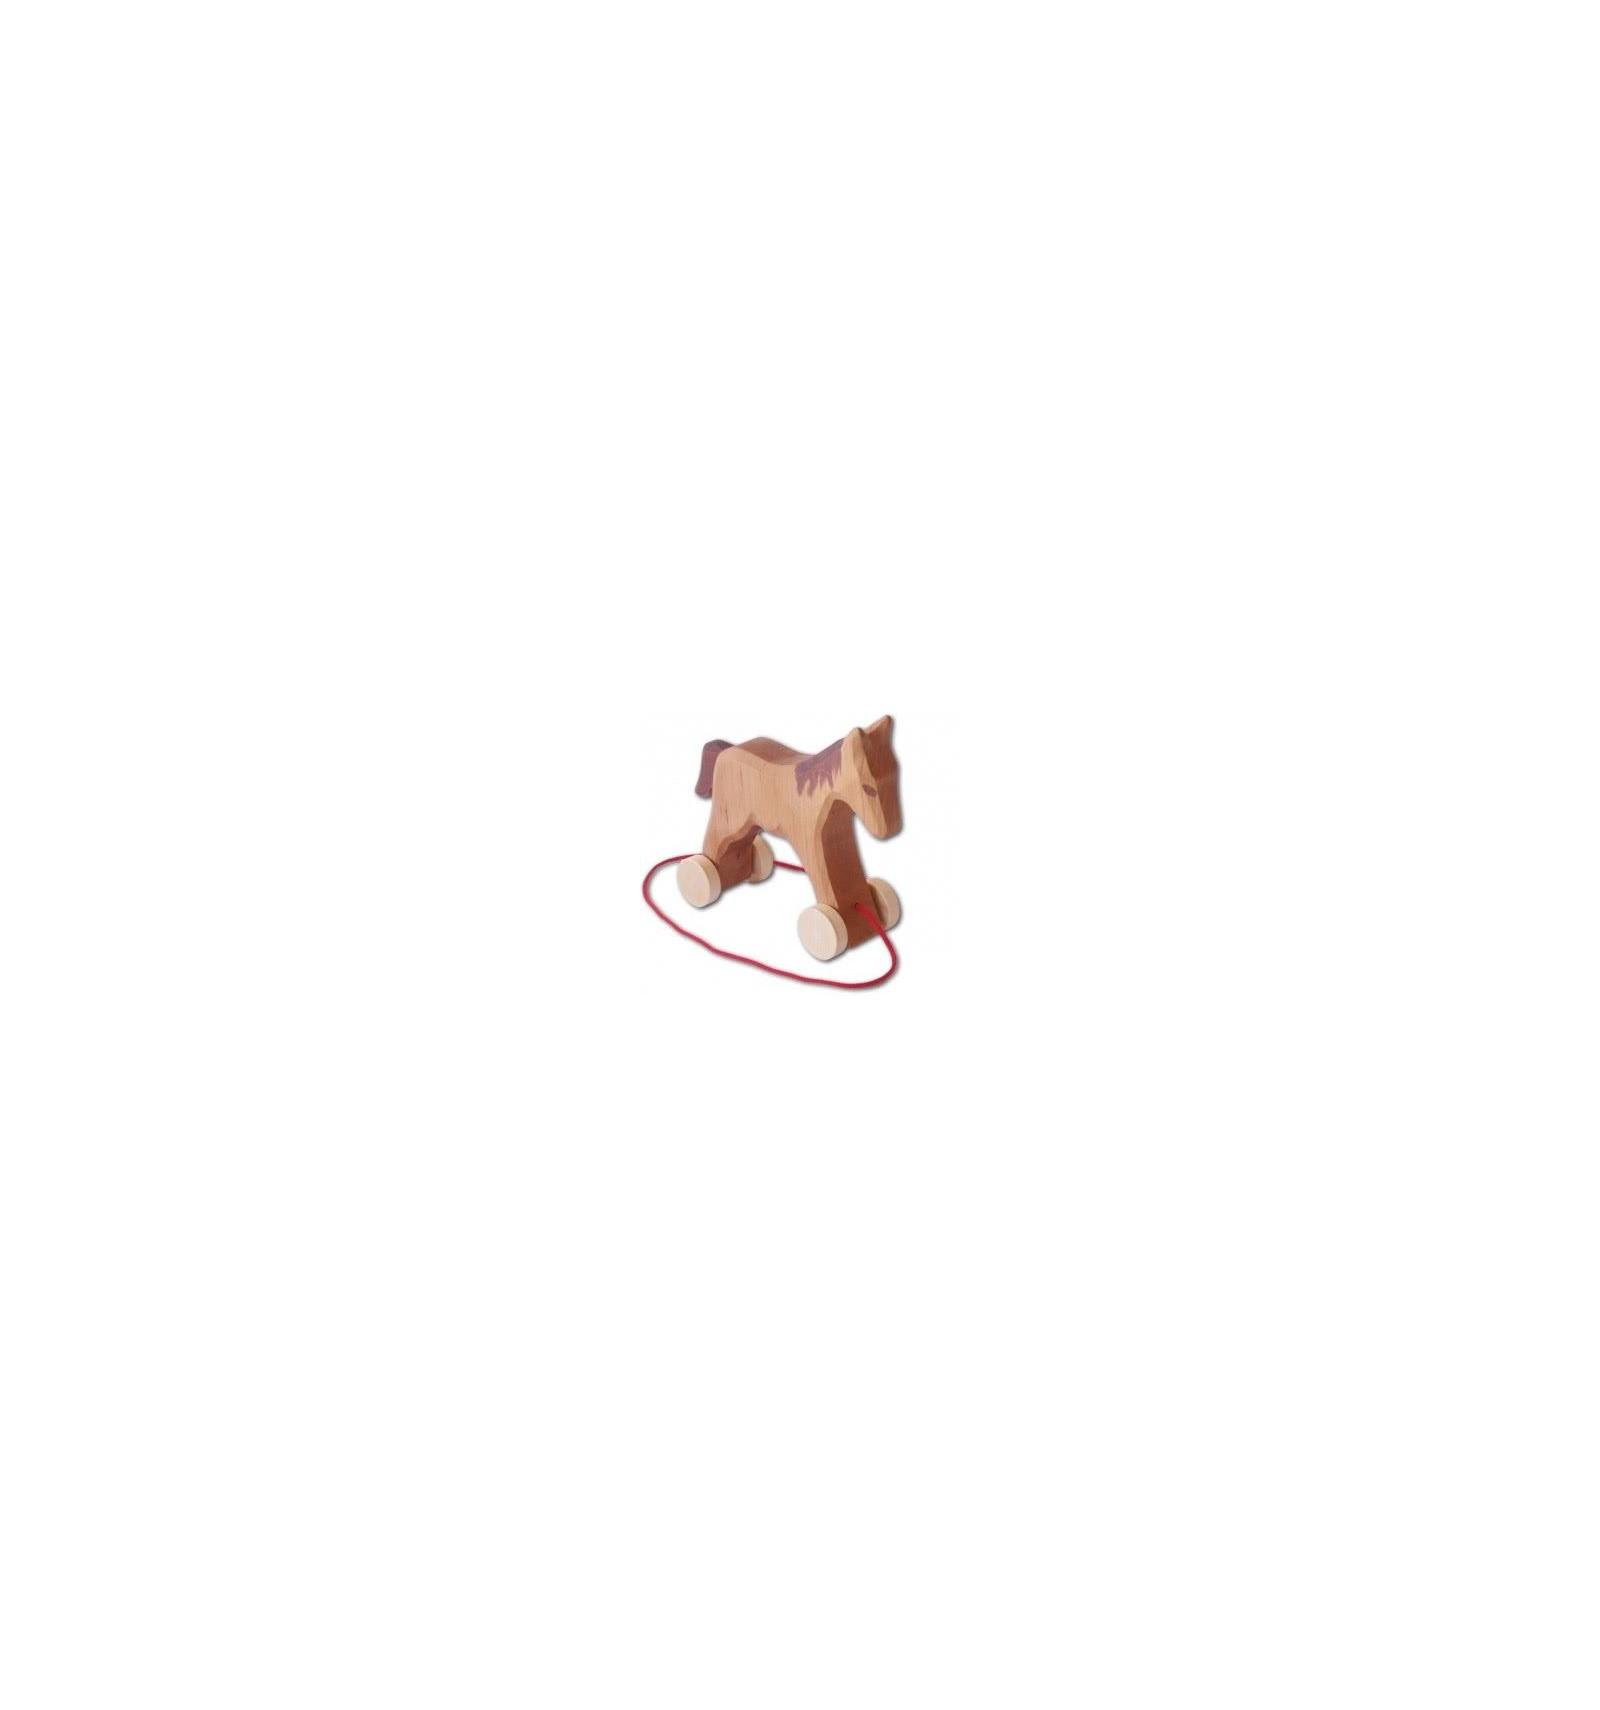 holz pferd mit rädern zum ziehen-decor-spielzeug